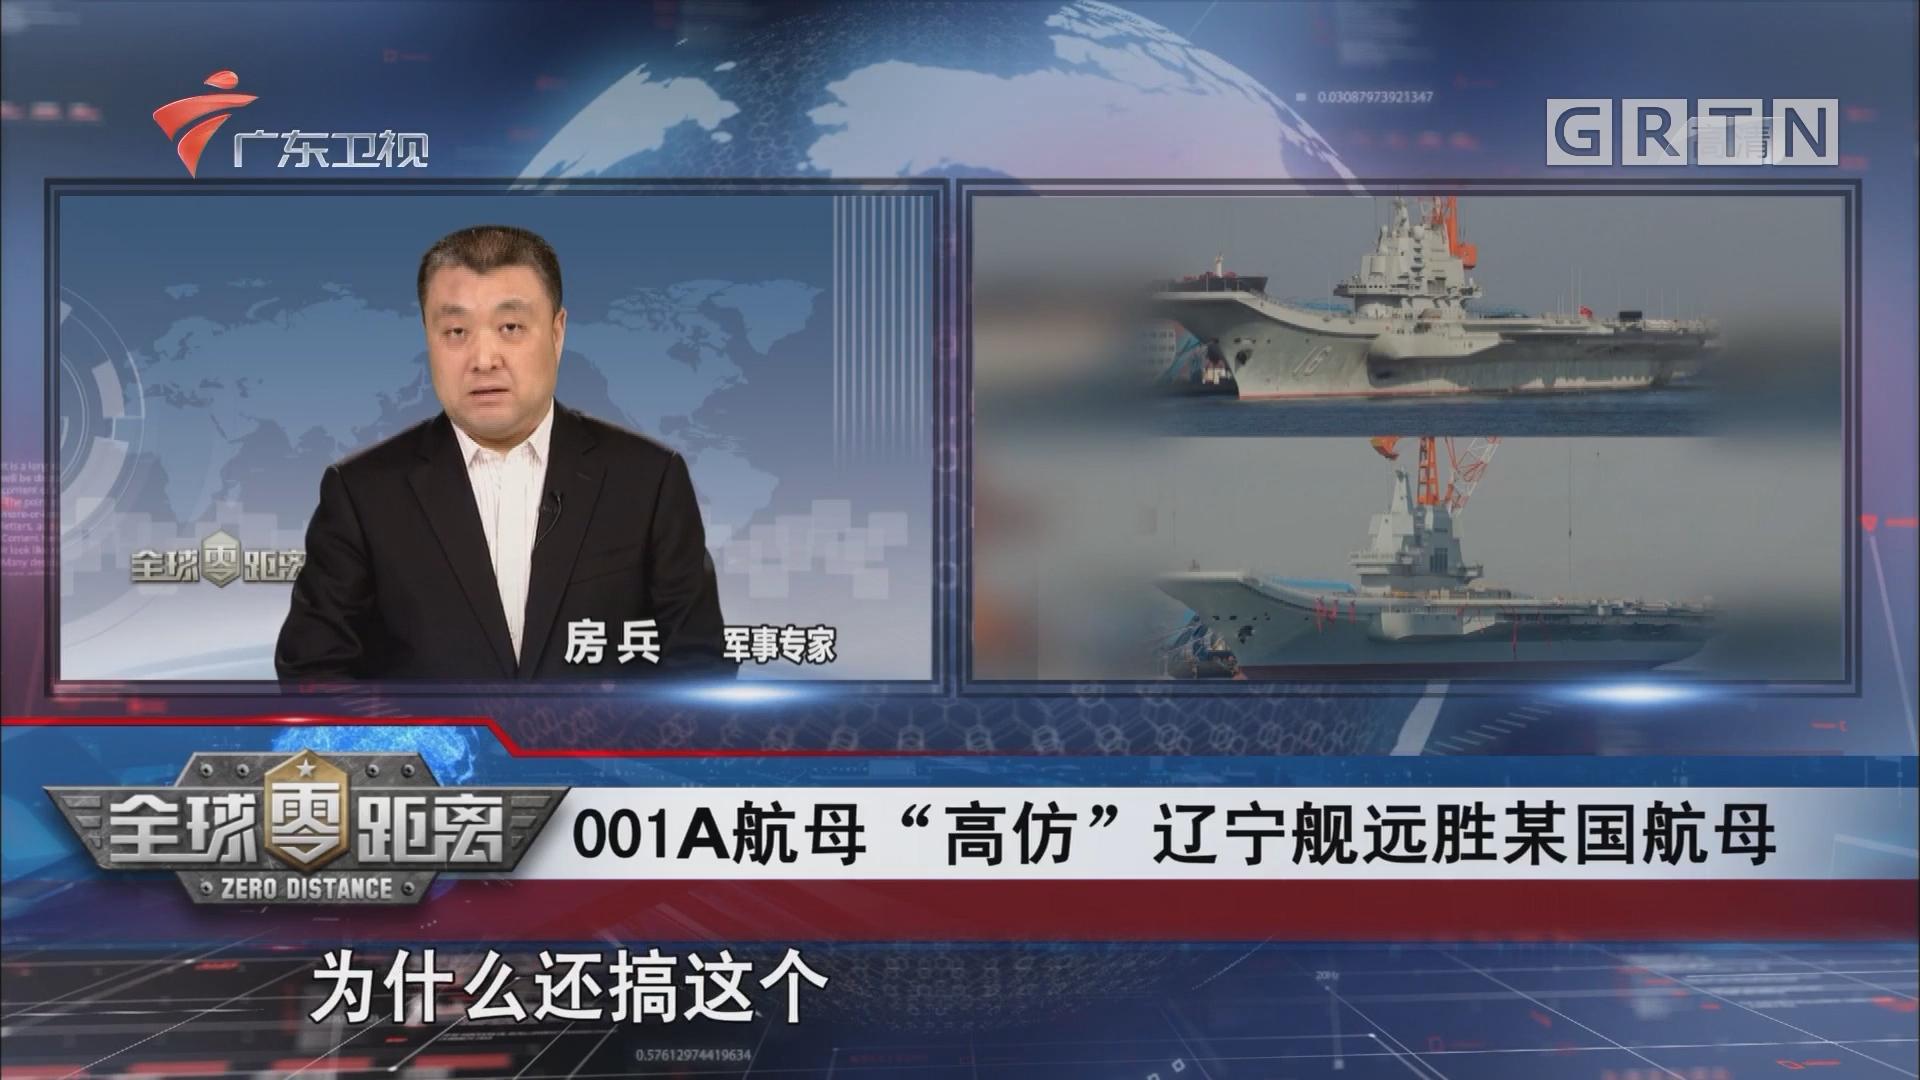 [HD][2017-05-28]全球零距离:双航母时代!